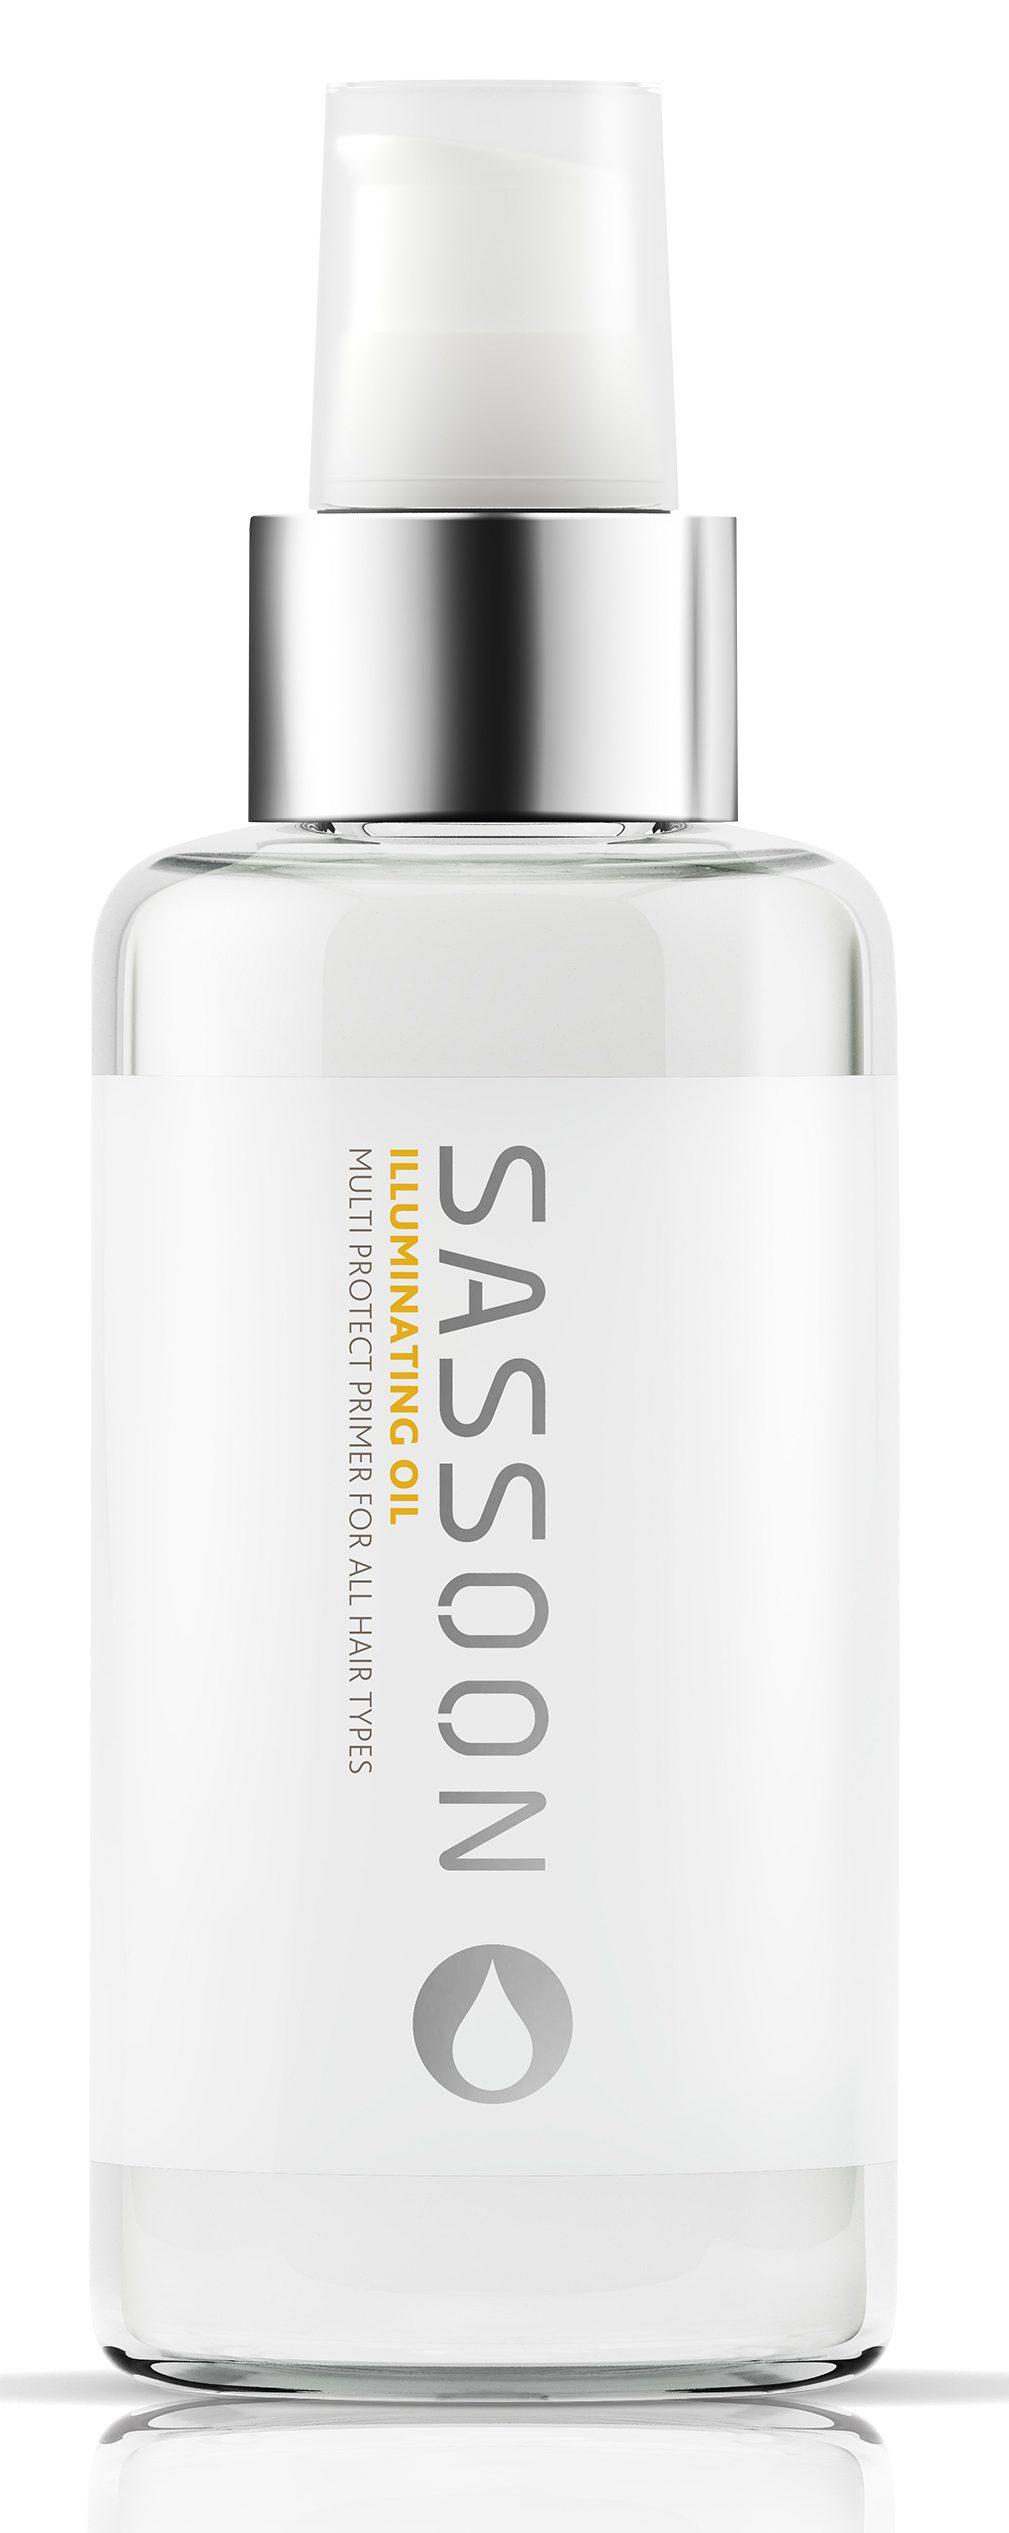 Sassoon_Illuminating_Oil